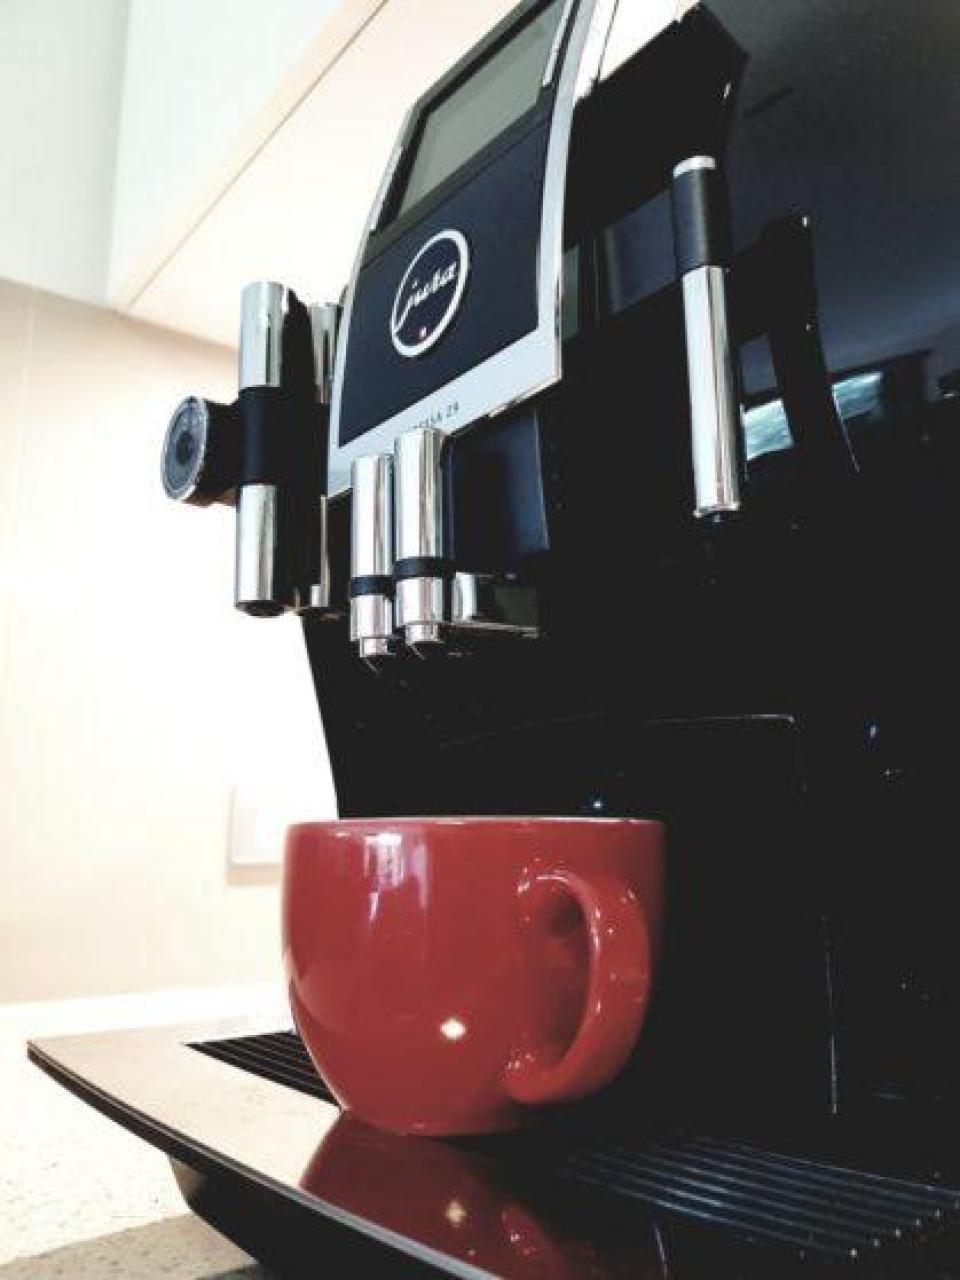 Nespresso Versus A Keurig